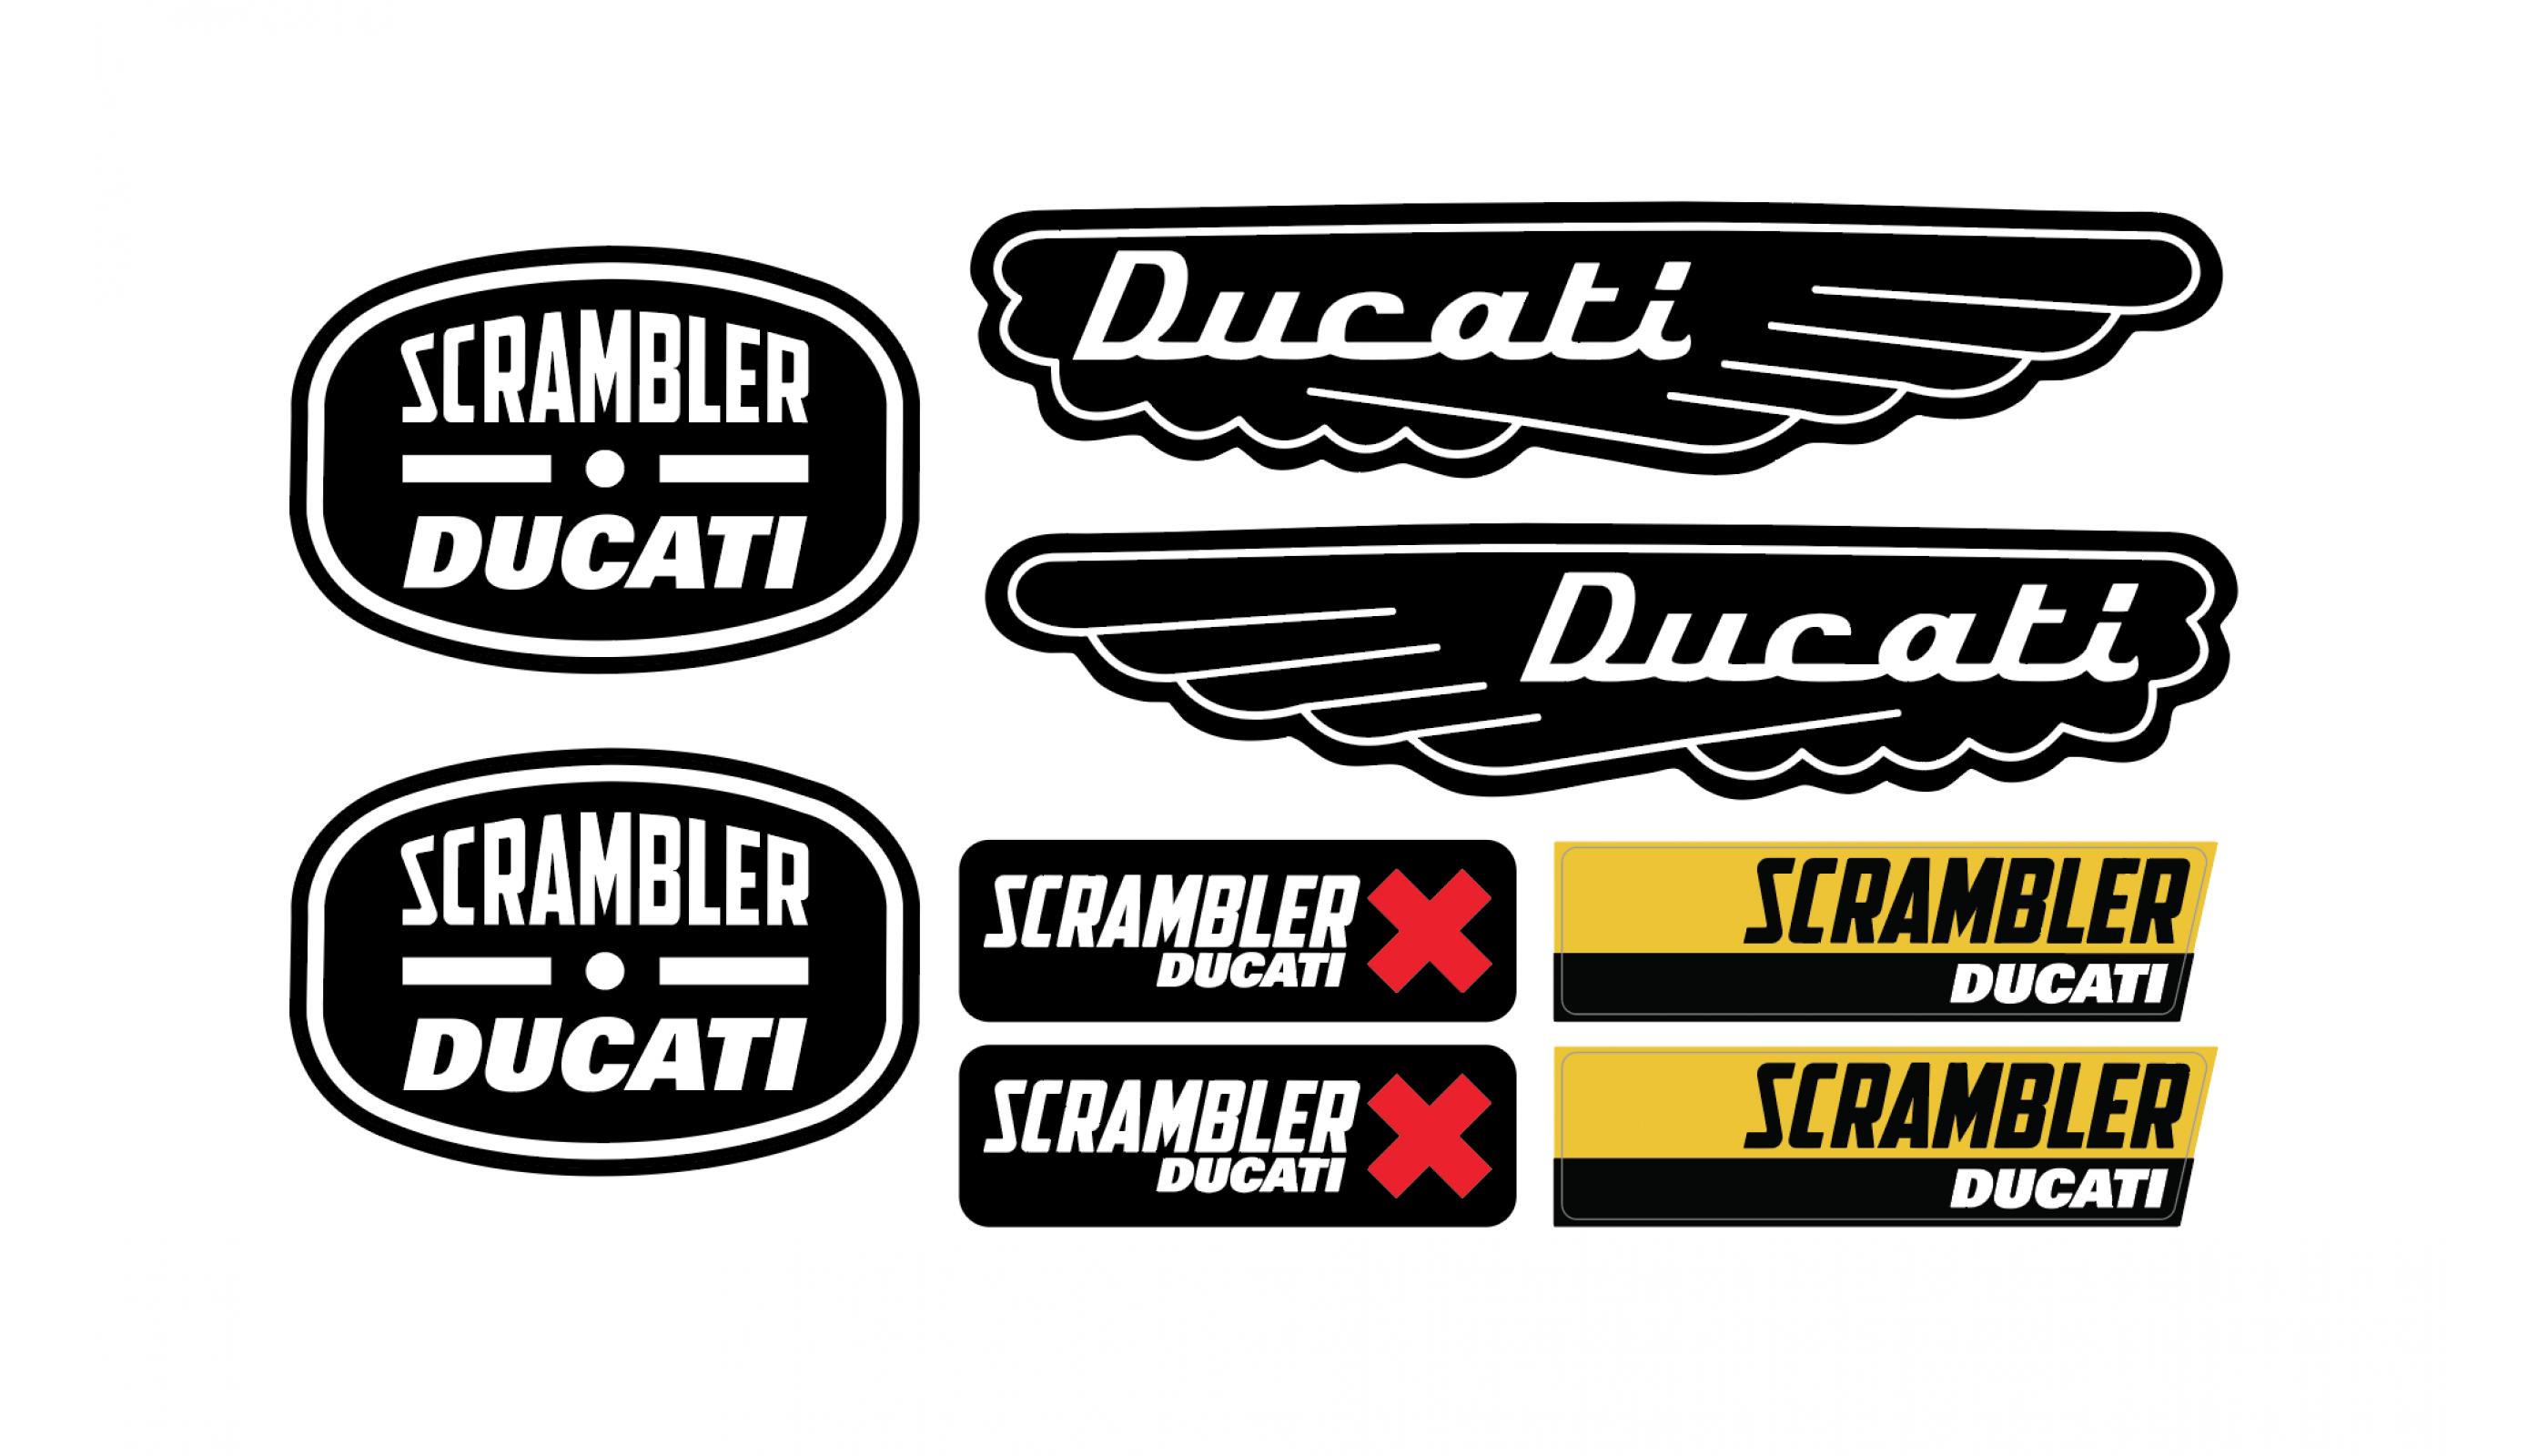 Ducati Scrambler 3d Domed Big Sticker Emblem Set